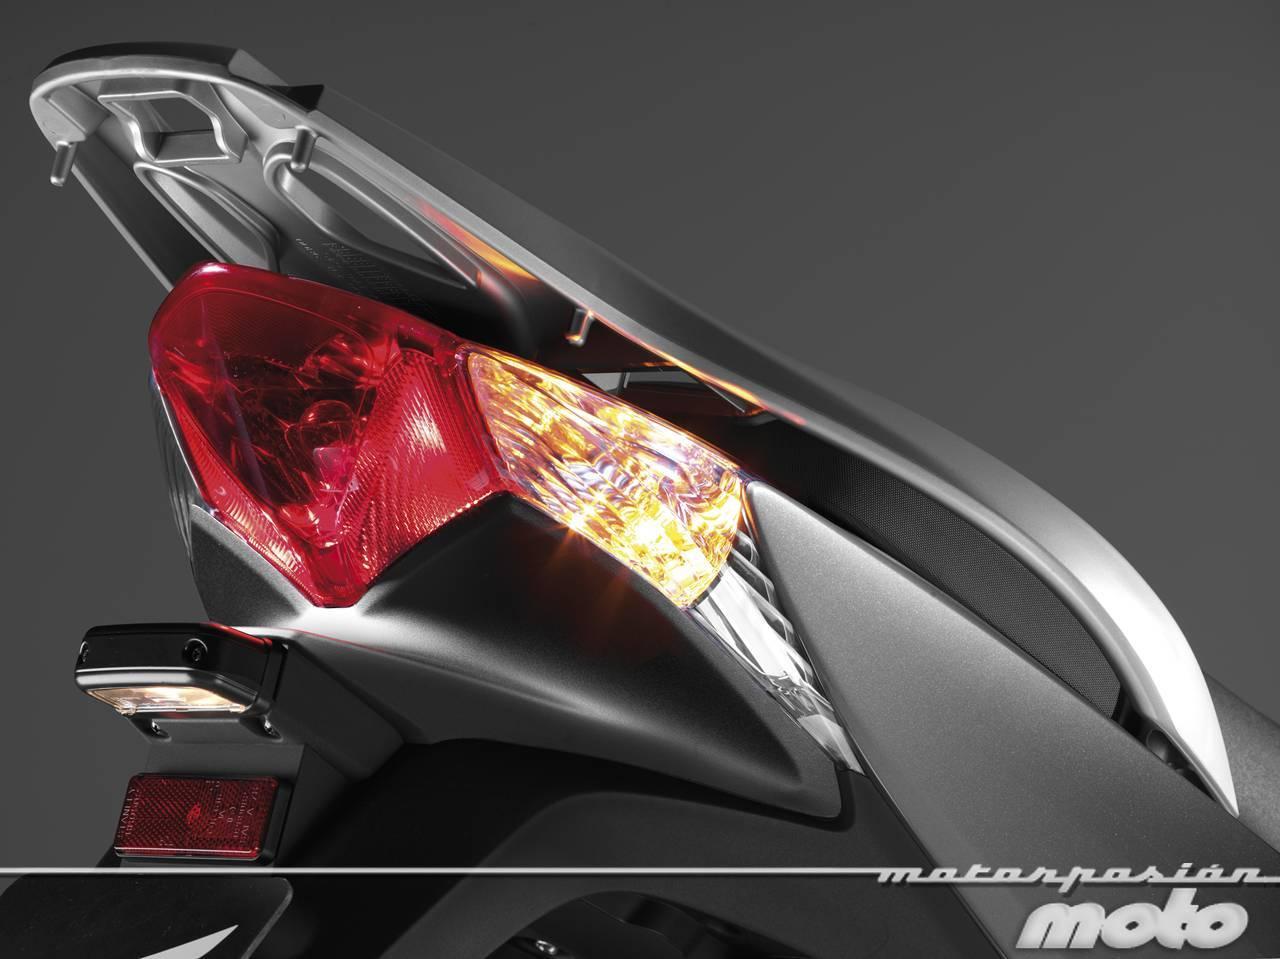 Foto de Honda Scoopy SH125i 2013, prueba (valoración, galería y ficha técnica)  - Fotos Detalles (81/81)